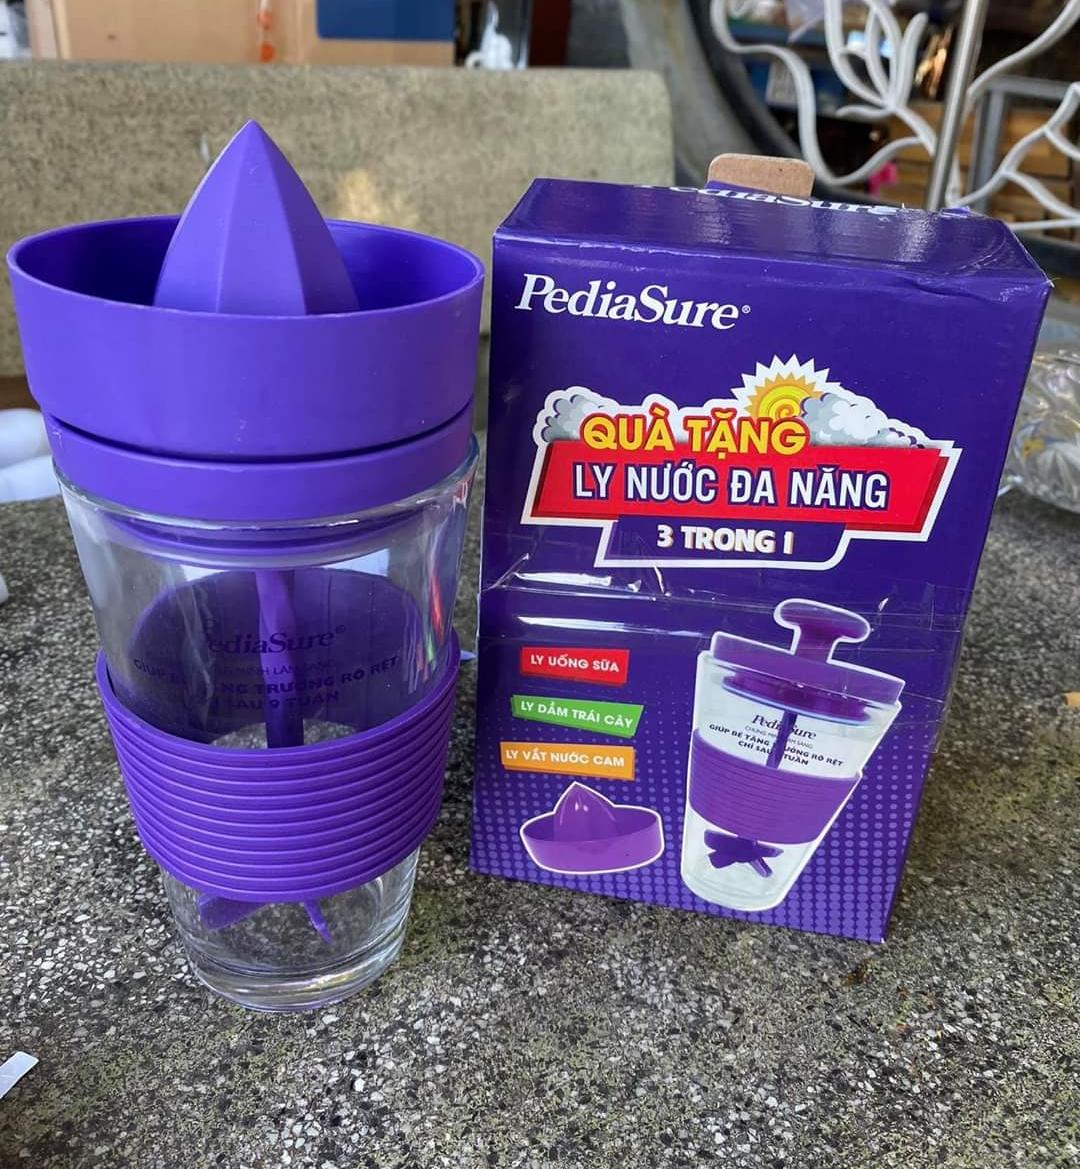 Bảng giá Ly vắt nước cam đa năng 3 trong 1, quà tặng sữa PediaSure Điện máy Pico